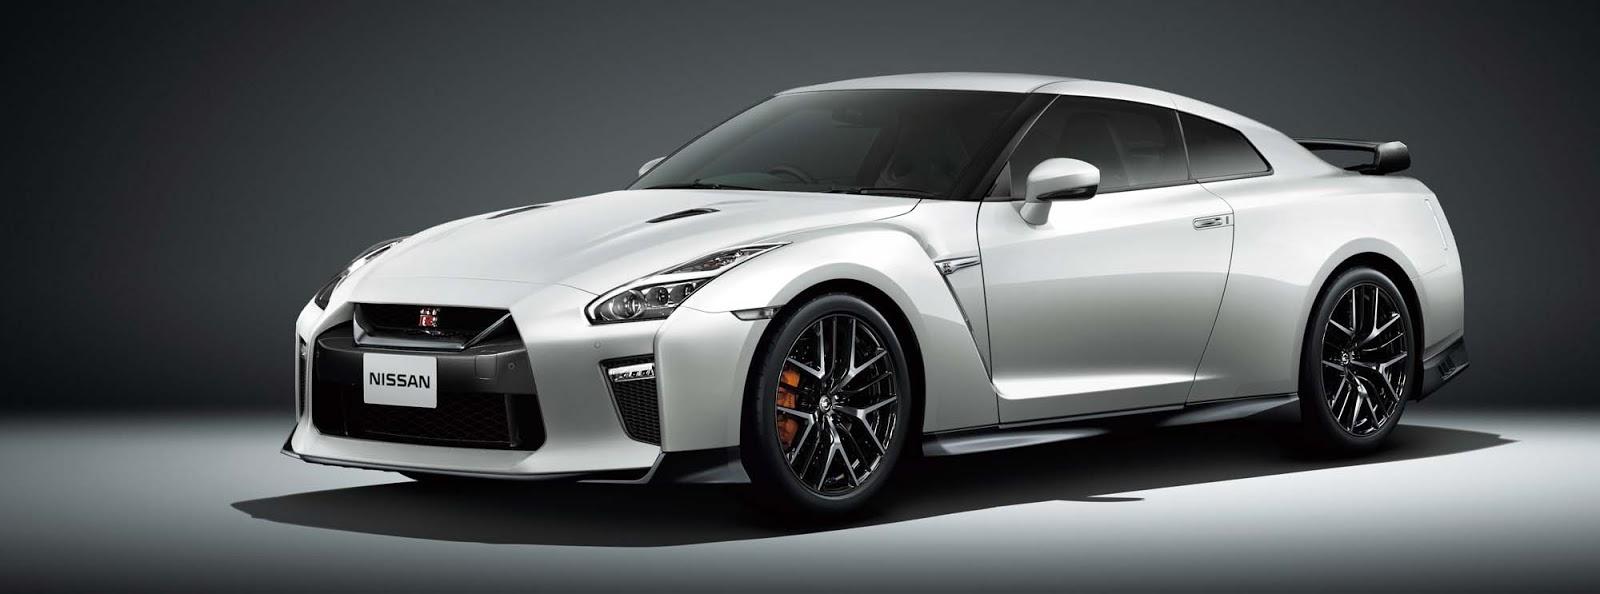 Limited2BEdition2BGT R2B252882529 Σε 3 χρώματα το special edition GT-R Godzilla, GT-R, Nissan, Nissan GT-R, zblog, μοντέλα